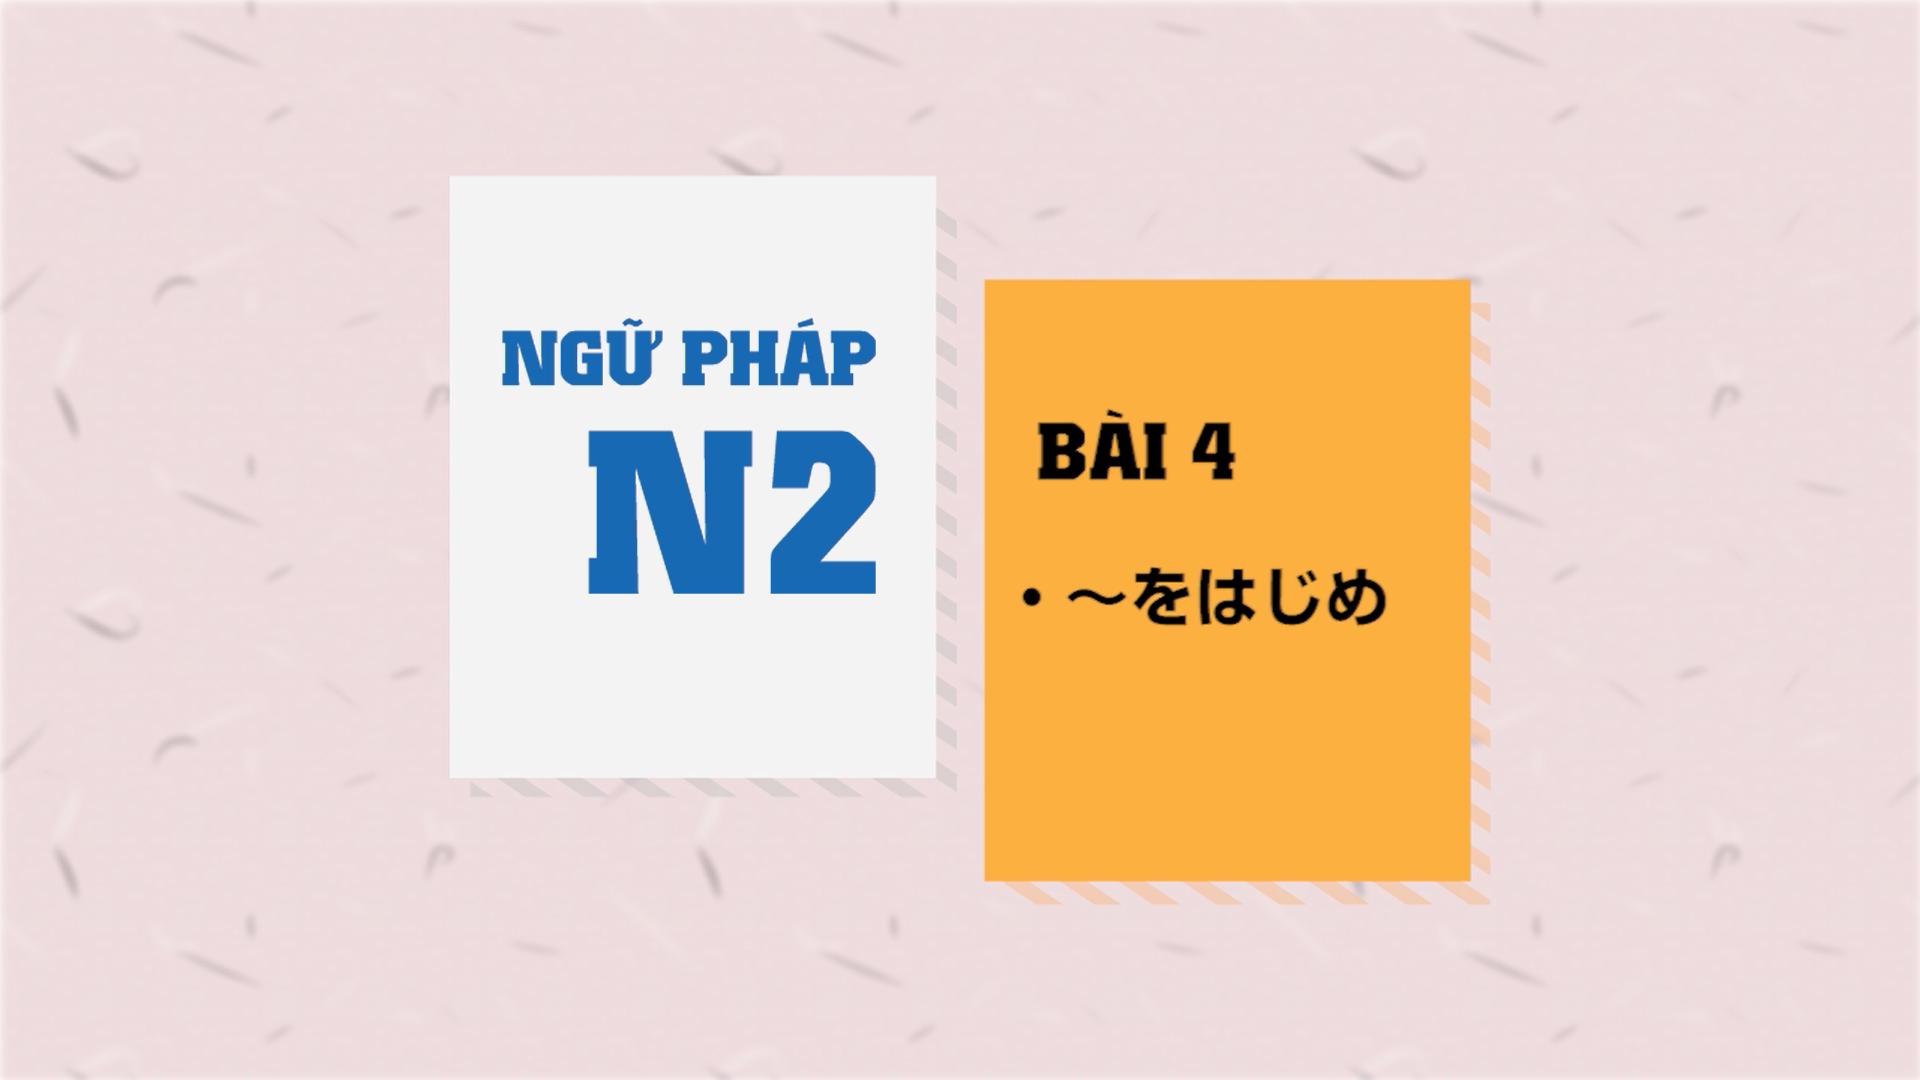 [Ngữ pháp N2] Bài 4: ~をはじめ